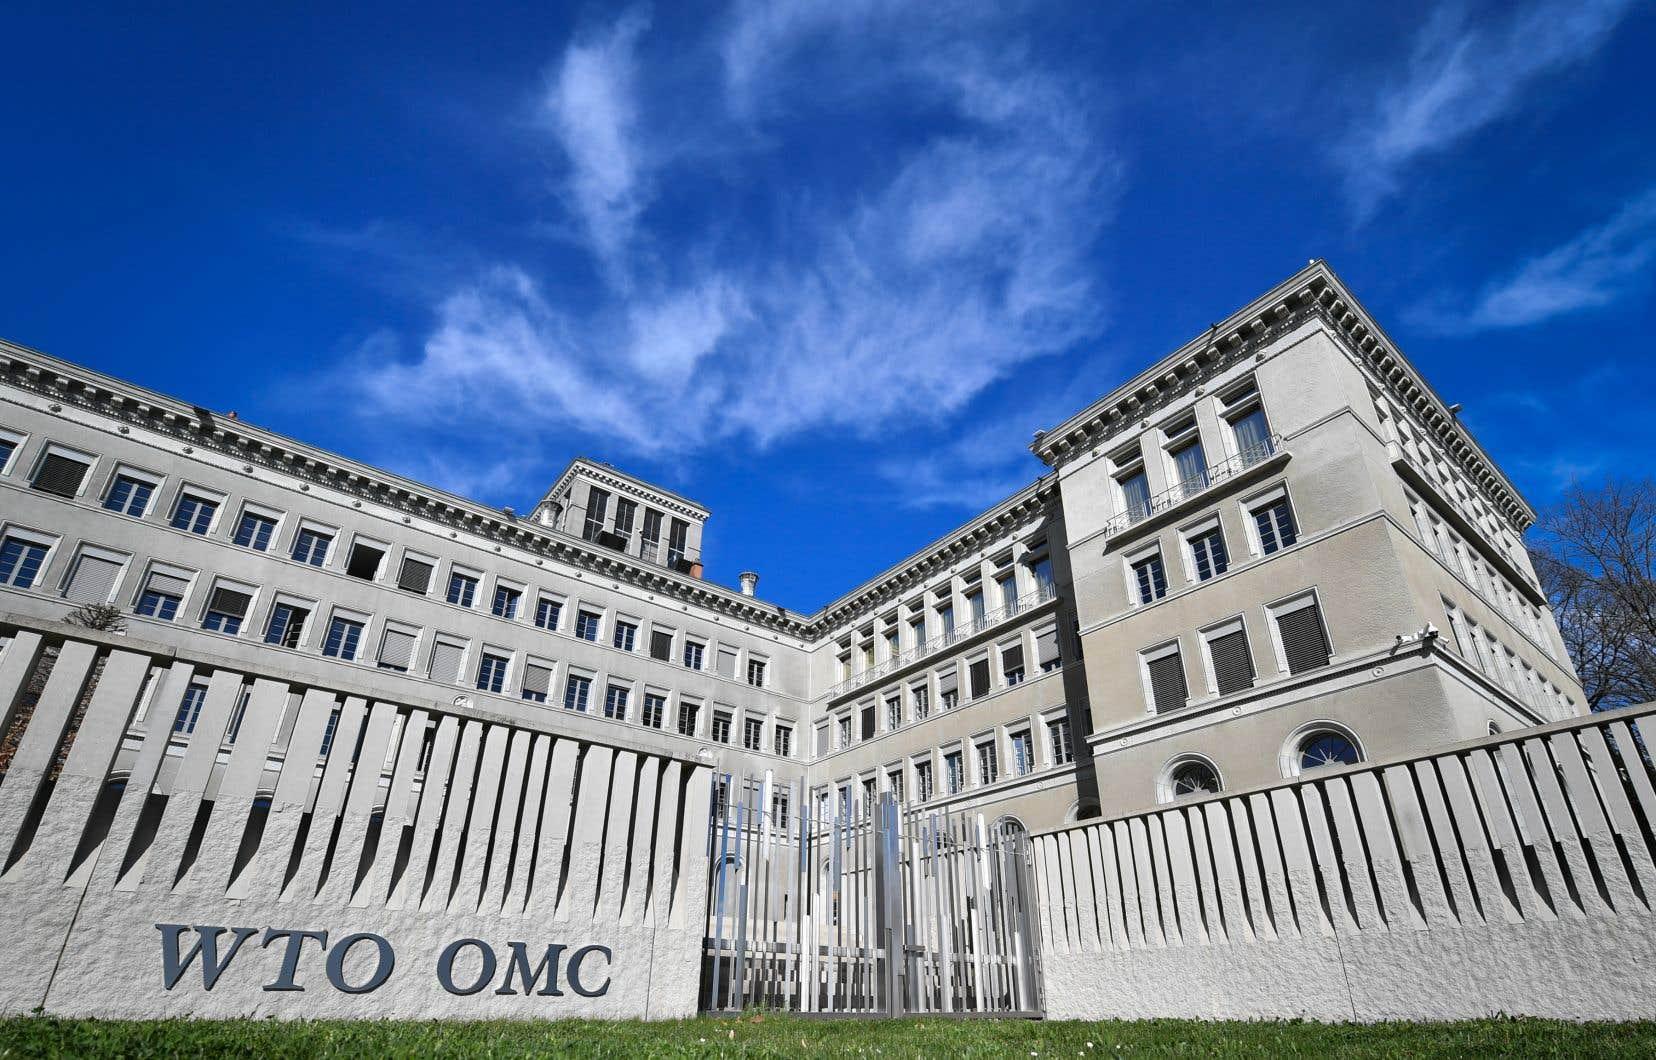 Le gouvernement Trump reproche de longue date à l'OMC et à certains de ses membres d'abuser de ce statut de pays en développement.